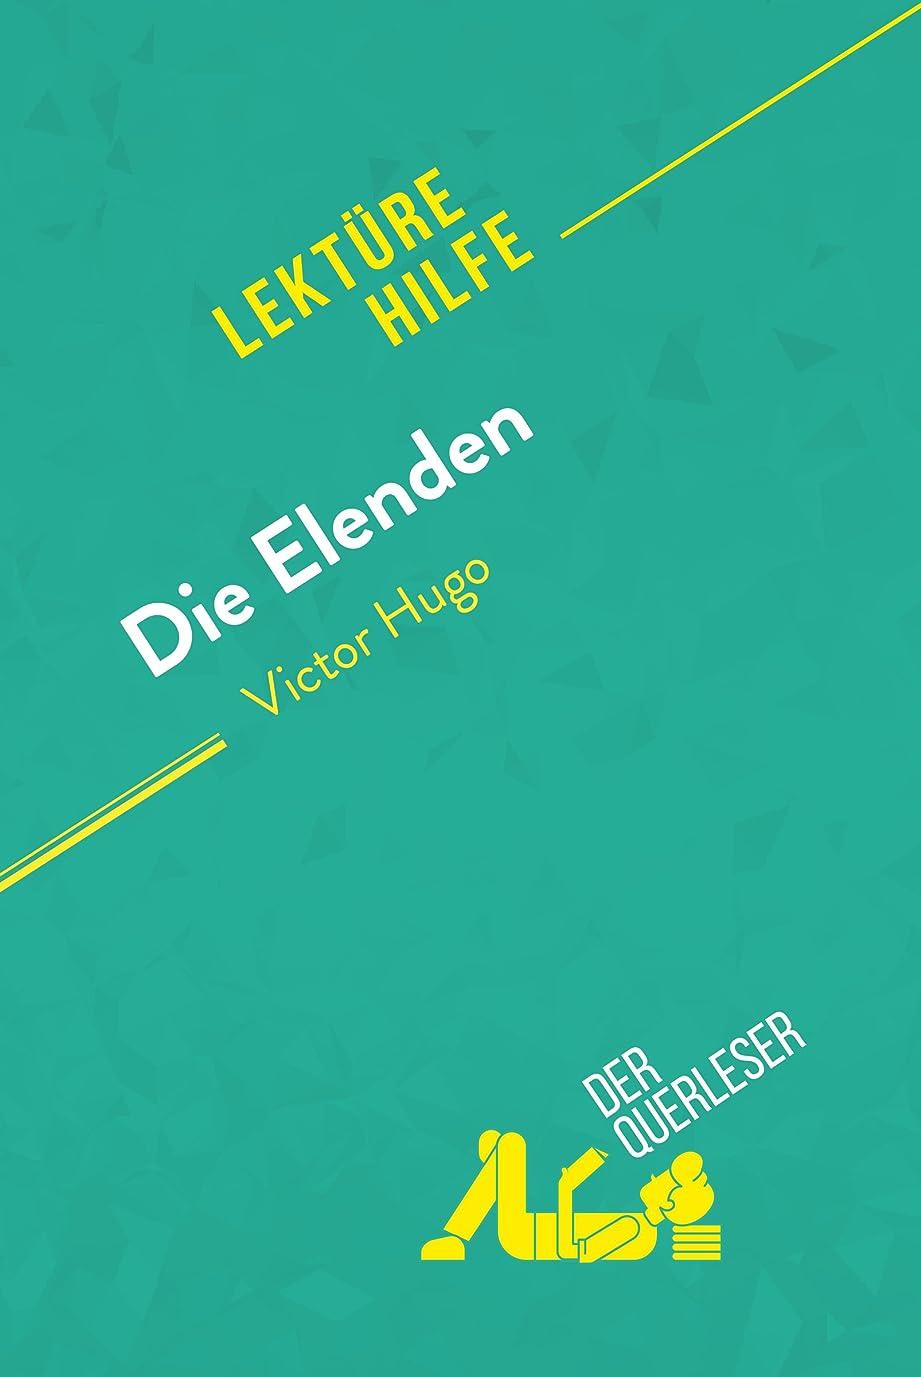 偶然の消費間違えたDie Elenden von Victor Hugo (Lektürehilfe): Detaillierte Zusammenfassung, Personenanalyse und Interpretation (German Edition)